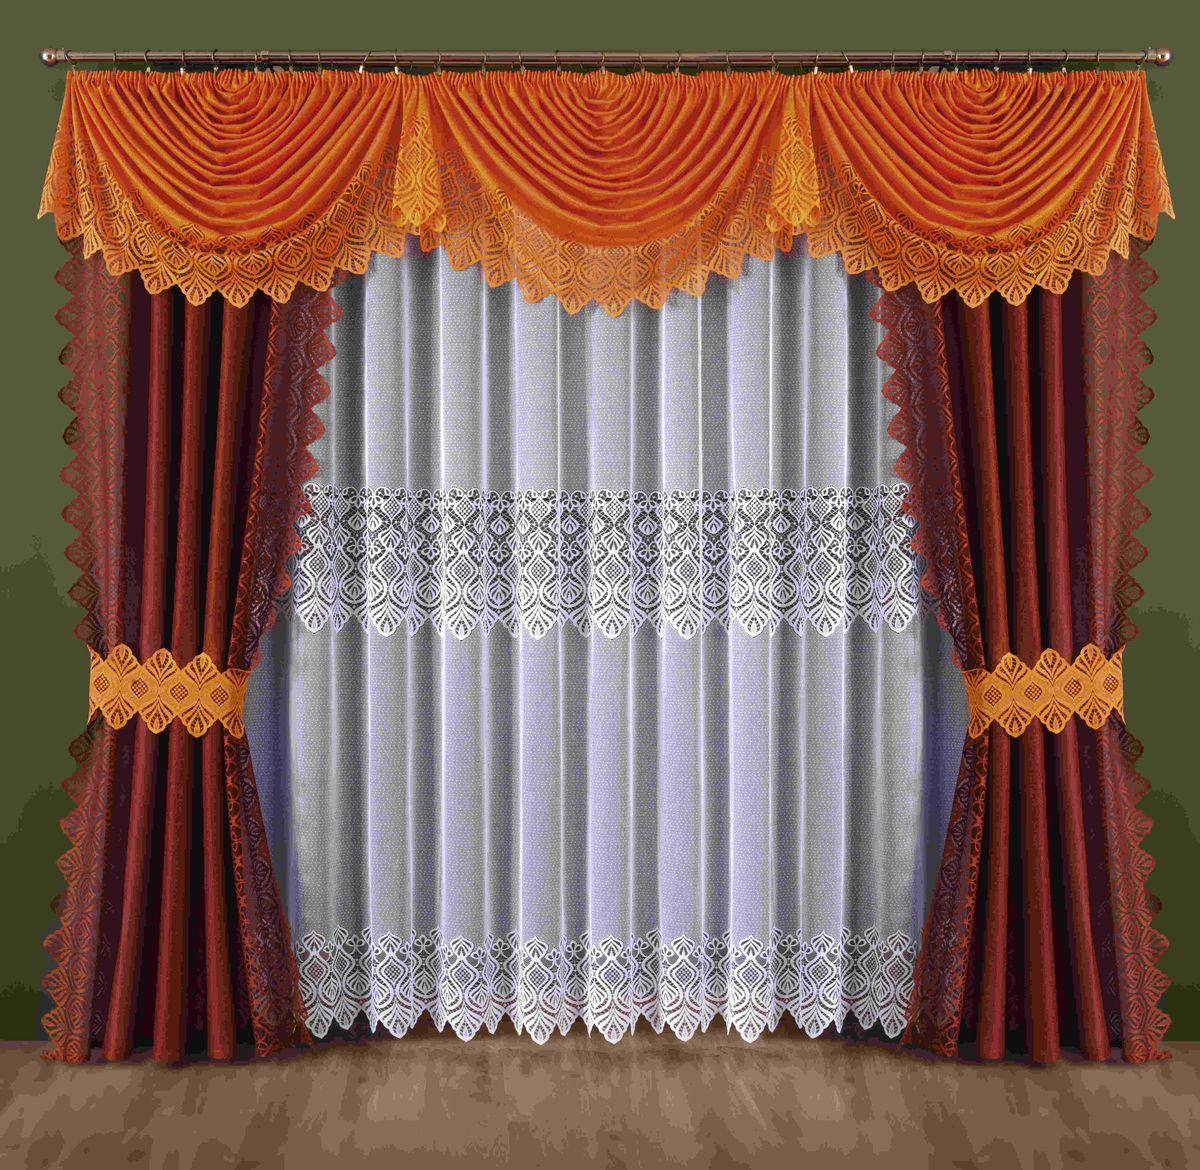 Комплект штор Wisan Mira, на ленте, цвет: оранжевый, бордовый, высота 250 см188WКомплект штор Wisan Mira выполненный из полиэстера, великолепно украсит любое окно. В комплект входят 2 шторы, тюль, ламбрекен и 2 подхвата. Интересный крой, и нежный узор придают комплекту особый стиль и шарм. Тонкое плетение, нежная цветовая гамма и роскошное исполнение - все это делает шторы Wisan Mira замечательным дополнением интерьера помещения. Комплект оснащен шторной лентой для красивой сборки. В комплект входит: Штора - 2 шт. Размер (ШхВ): 145 см х 250 см. Тюль - 1 шт. Размер (ШхВ): 400 см х 250 см. Ламбрекен - 1 шт. Размер (ШхВ): 440 см х 145 см. Подхват - 2 шт. Фирма Wisan на польском рынке существует уже более пятидесяти лет и является одной из лучших польских фабрик по производству штор и тканей. Ассортимент фирмы представлен готовыми комплектами штор для гостиной, детской, кухни, а также текстилем для кухни (скатерти, салфетки, дорожки, кухонные занавески). Модельный ряд отличает оригинальный дизайн,...